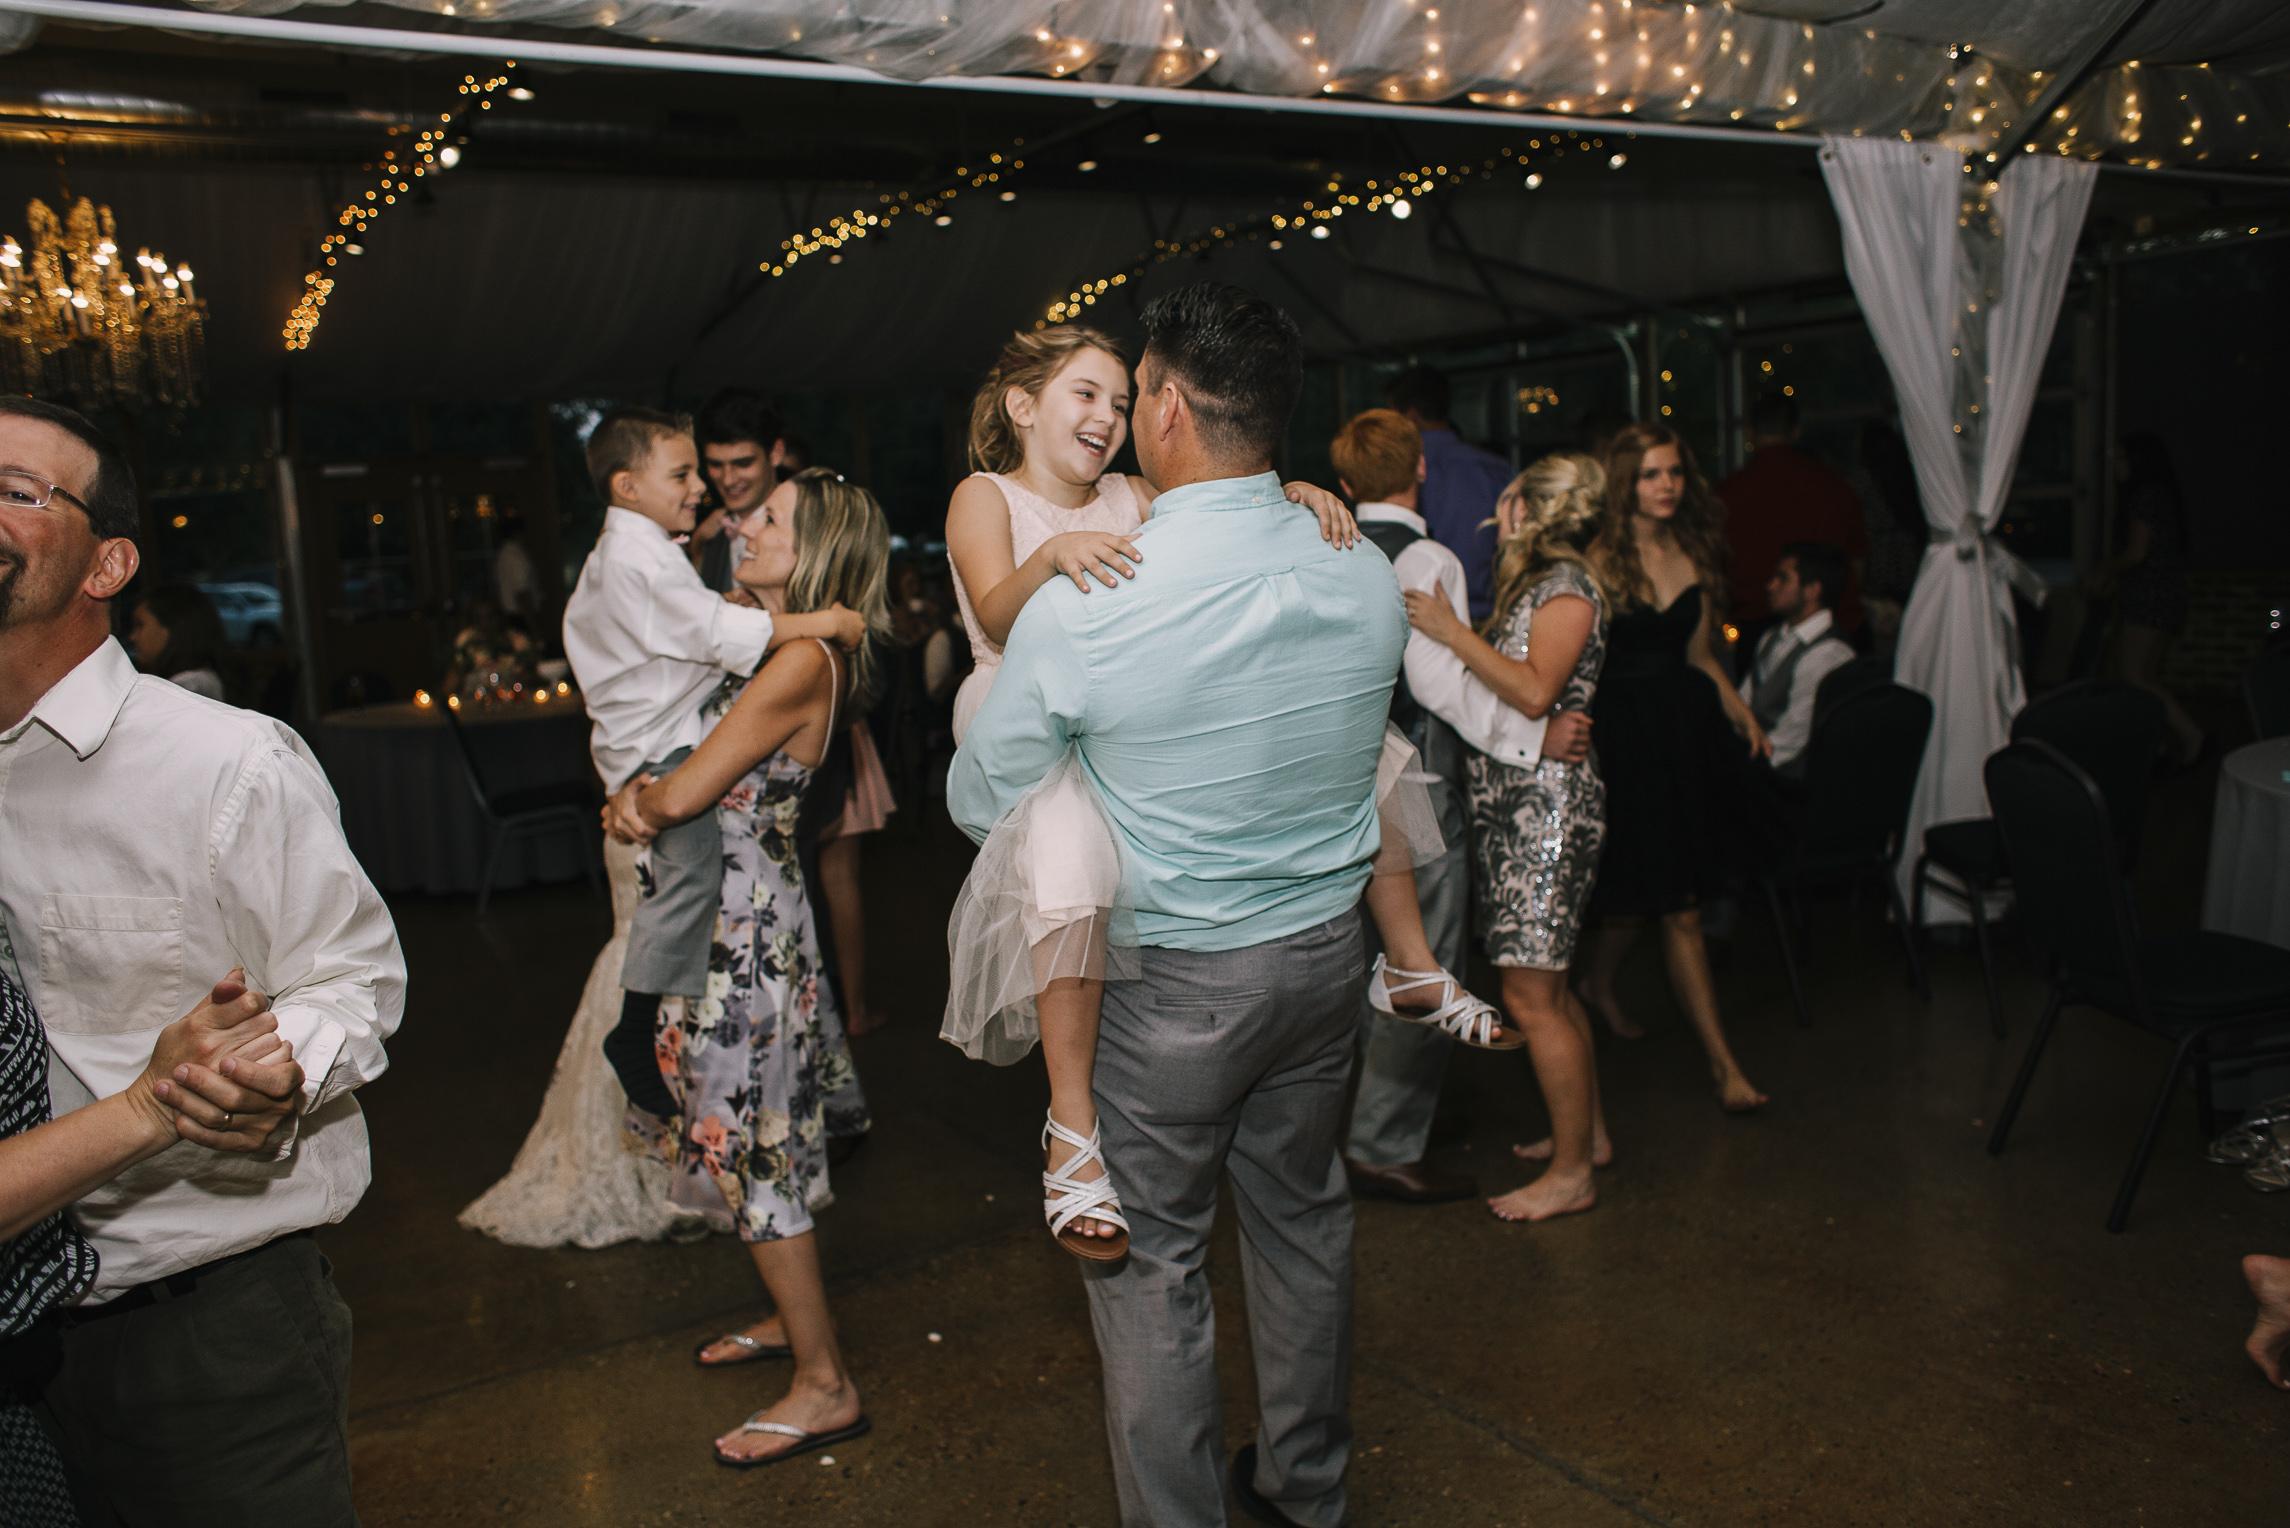 web sized images -- no to print --CALVIN & MCKYLEY WEDDING PHOTOS - COLORADO PHOTOGRAPHER - DEBI RAE PHOTOGRAPHY-2610.jpg